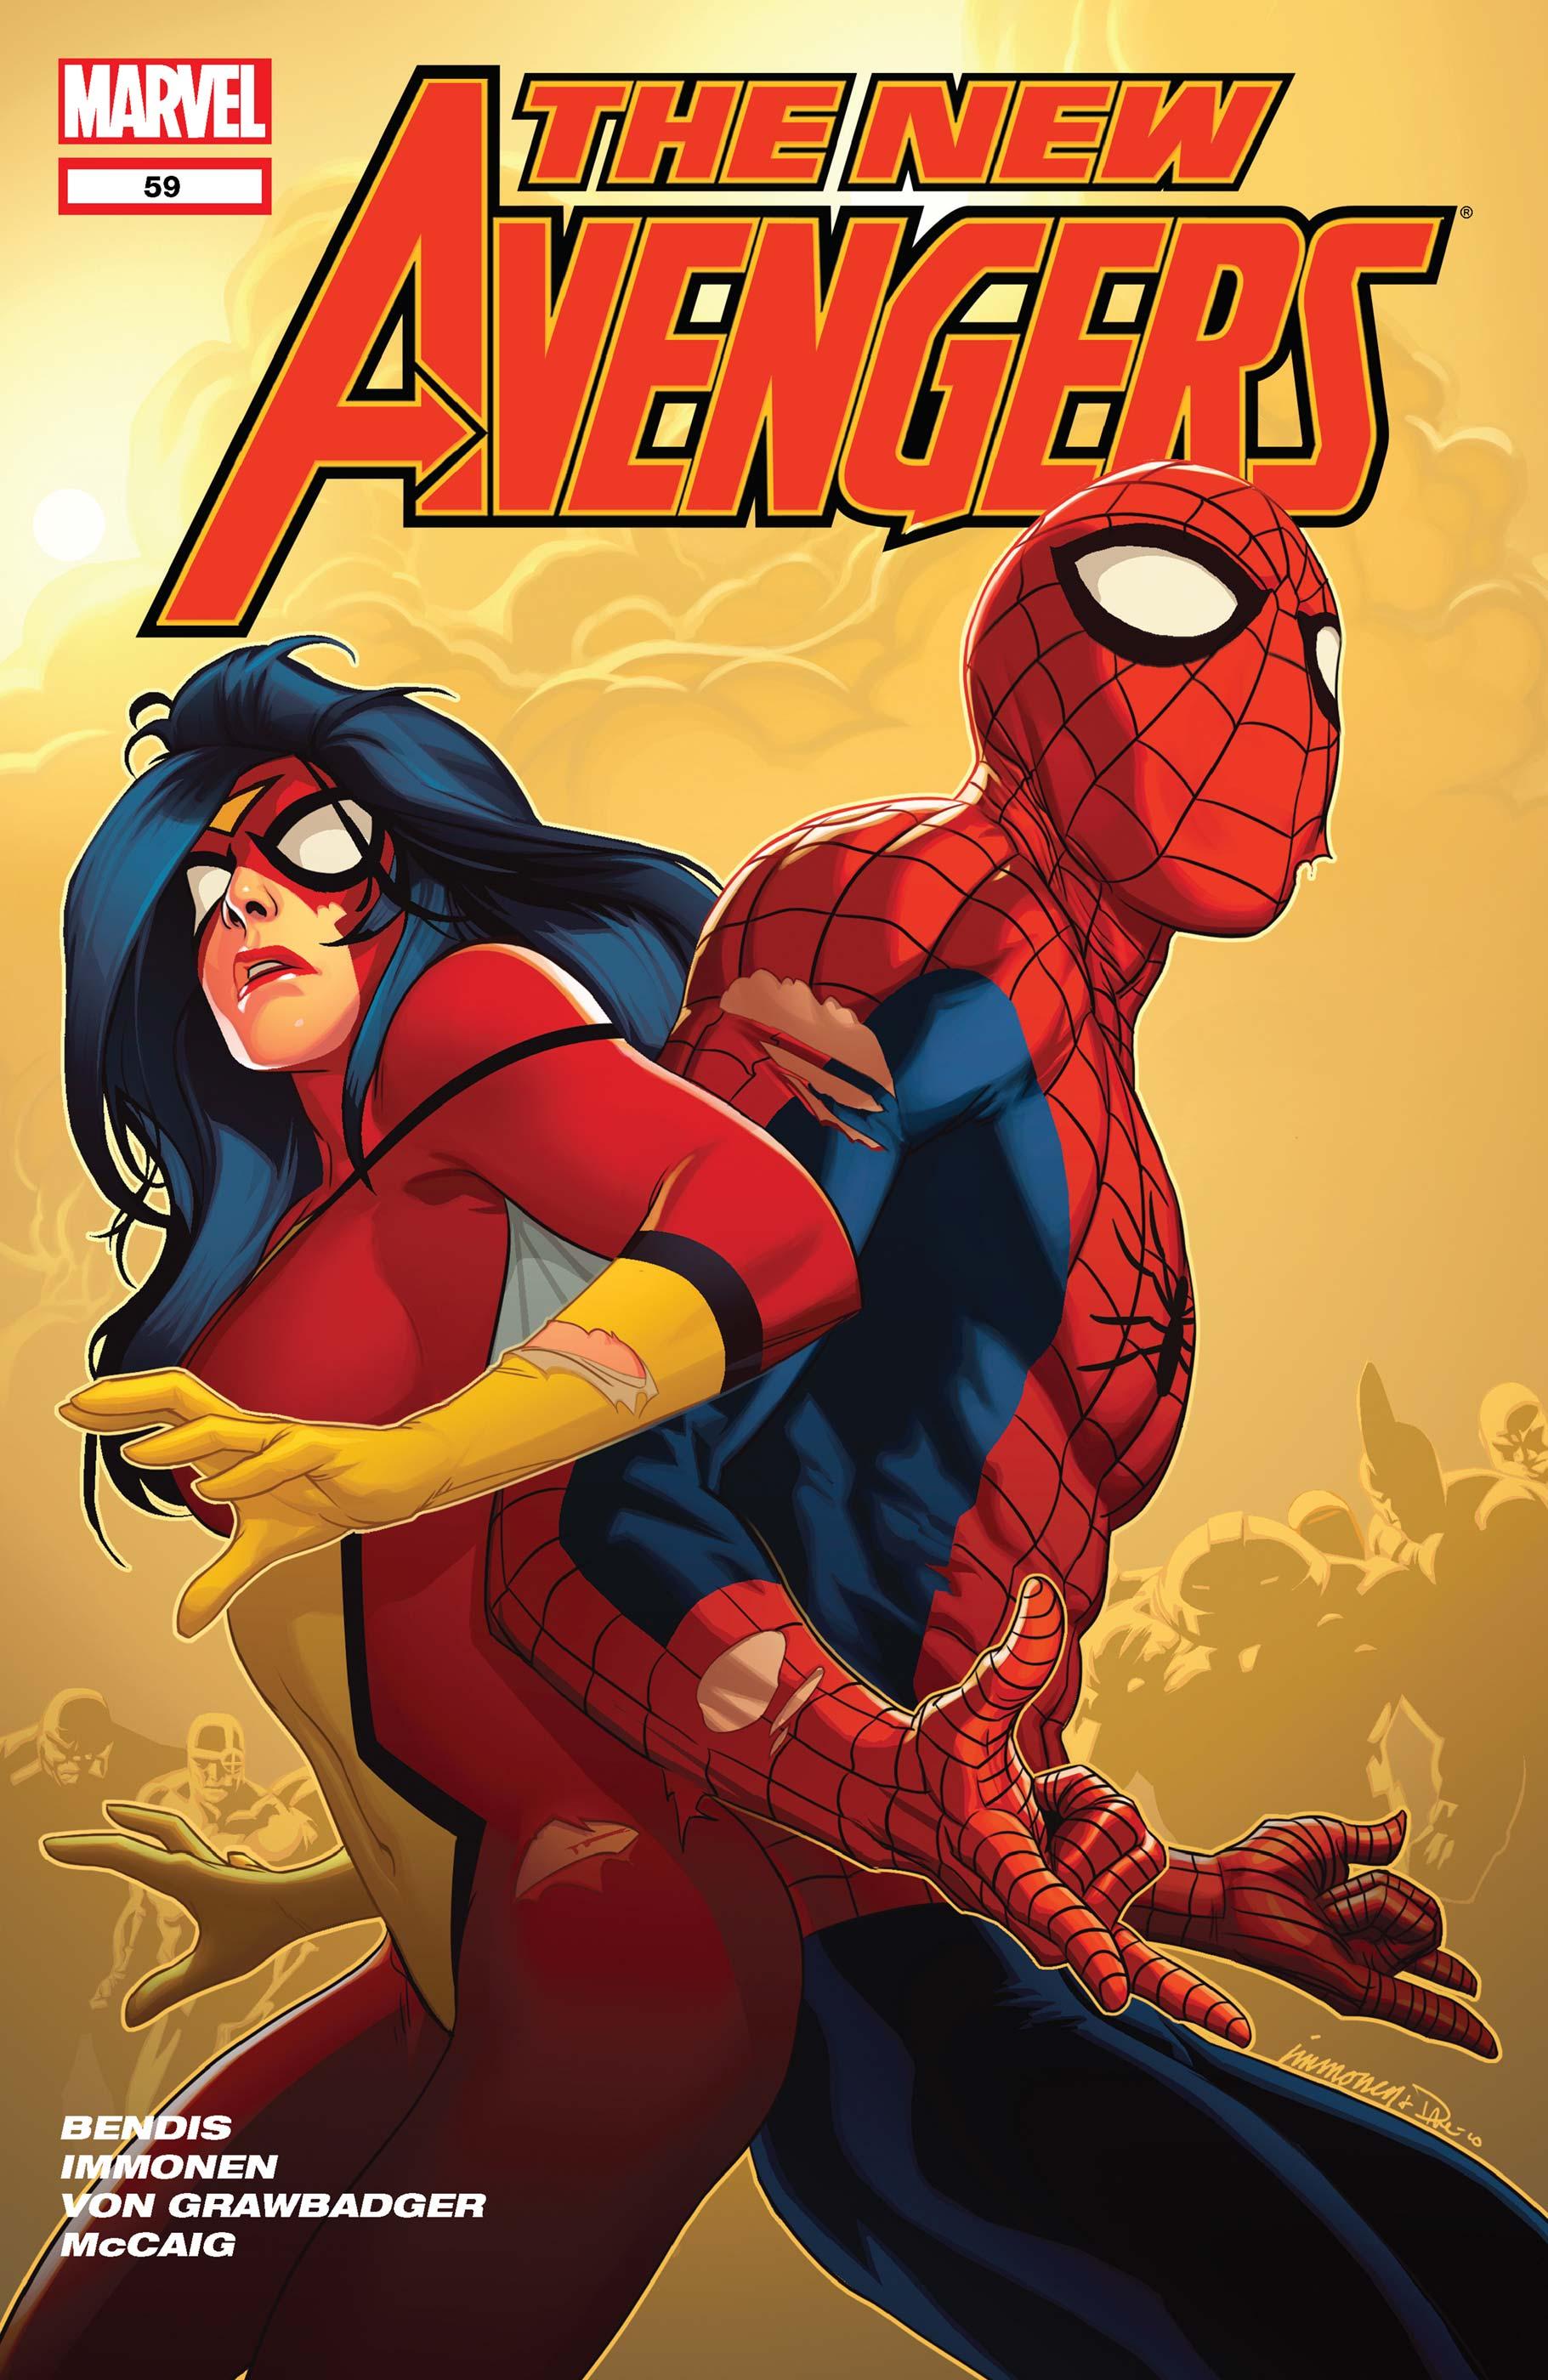 New Avengers (2004) #59